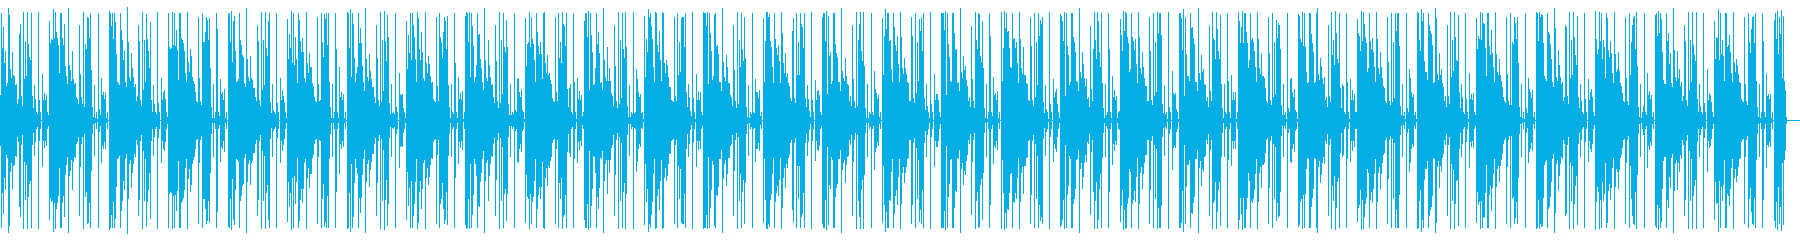 3分ロングver 可愛いエレピとビートの再生済みの波形